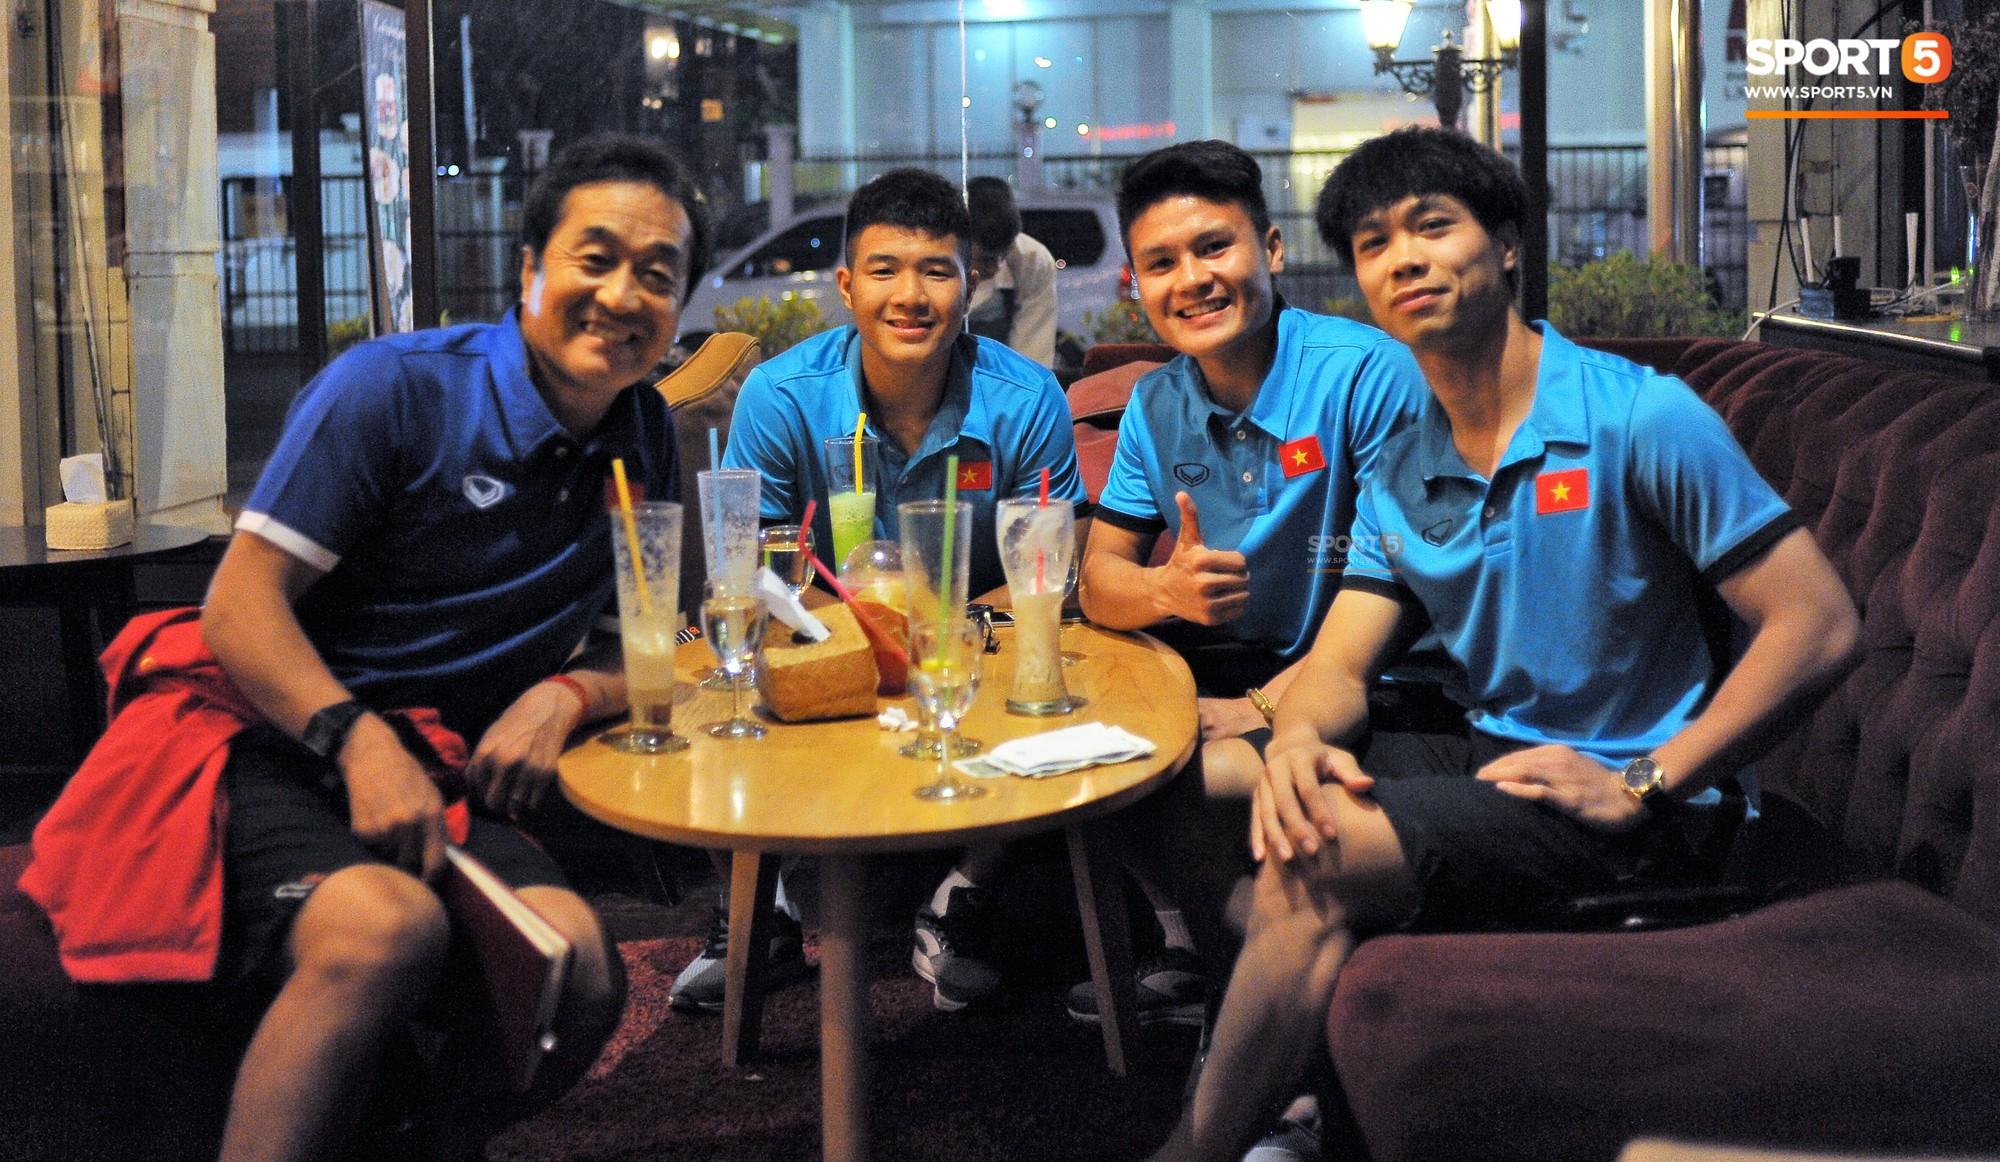 Quang Hải, Đức Chinh, Công Phượng, Lee Young-jin, Việt Nam, AFF Cup